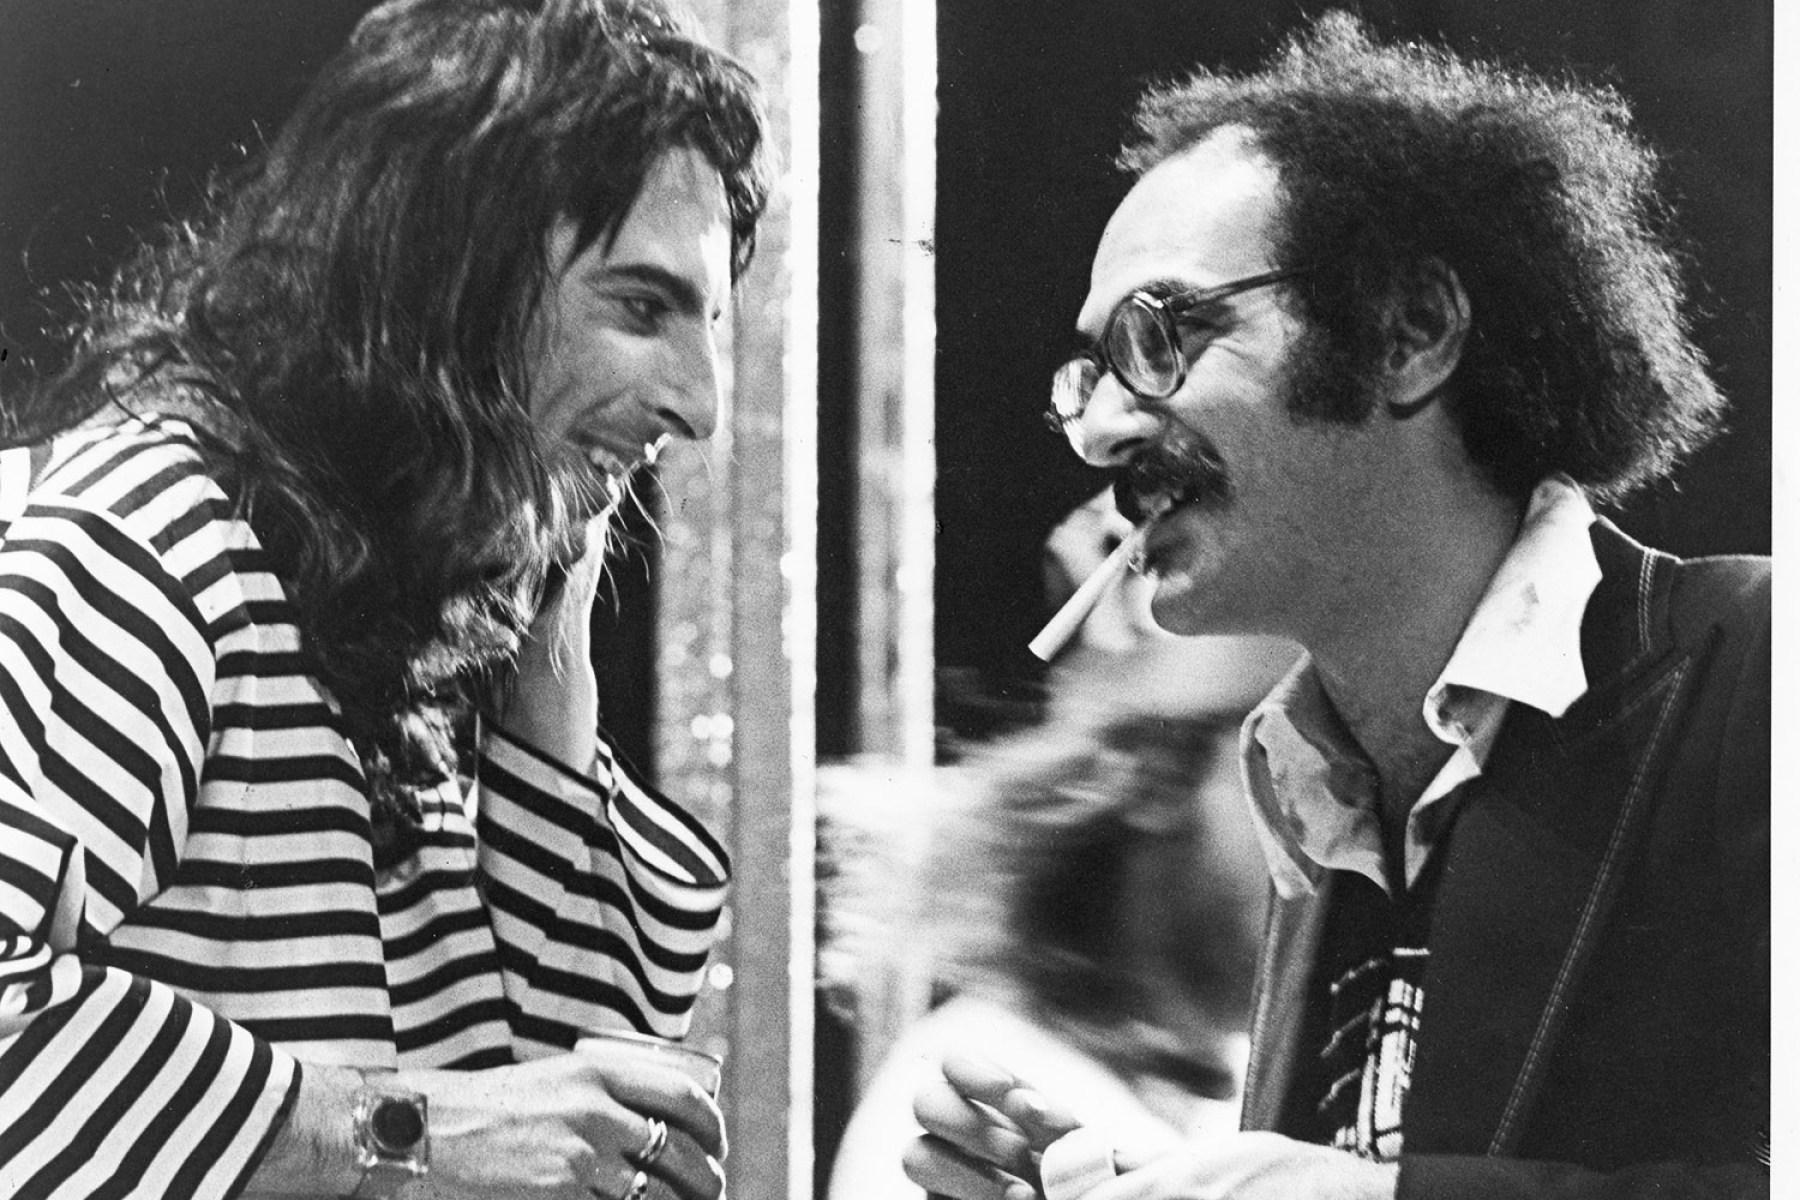 Shep Gordon Talks Alice Cooper Bond, New Memoir - Rolling Stone